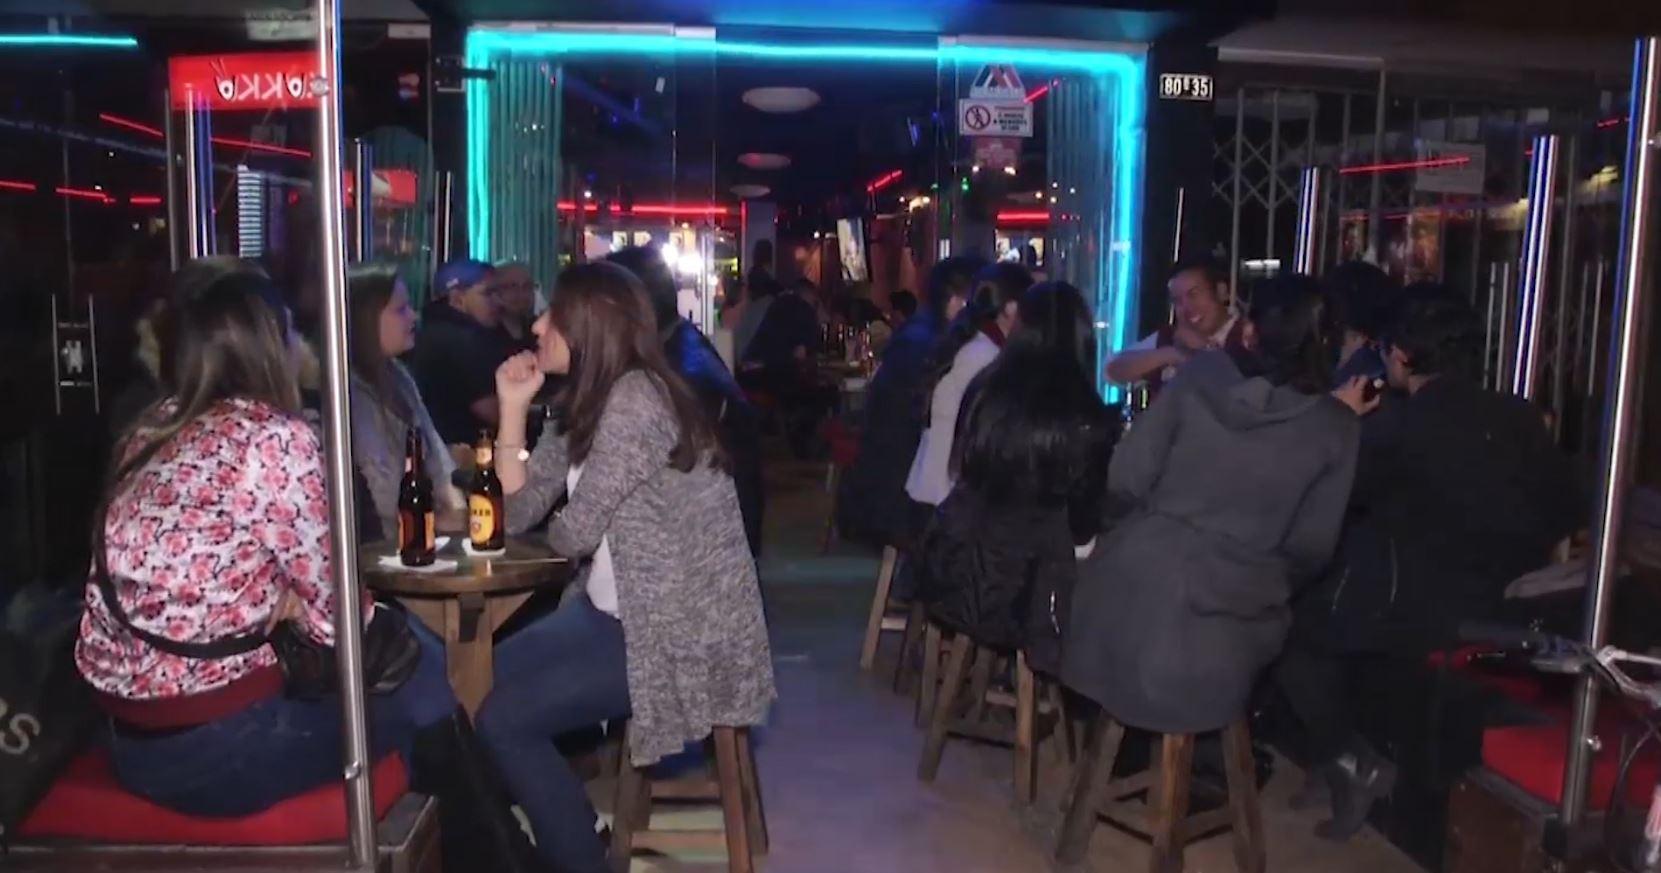 Trabajadores de bares, discotecas y restaurantes envían SOS a la Alcaldía de Bogotá